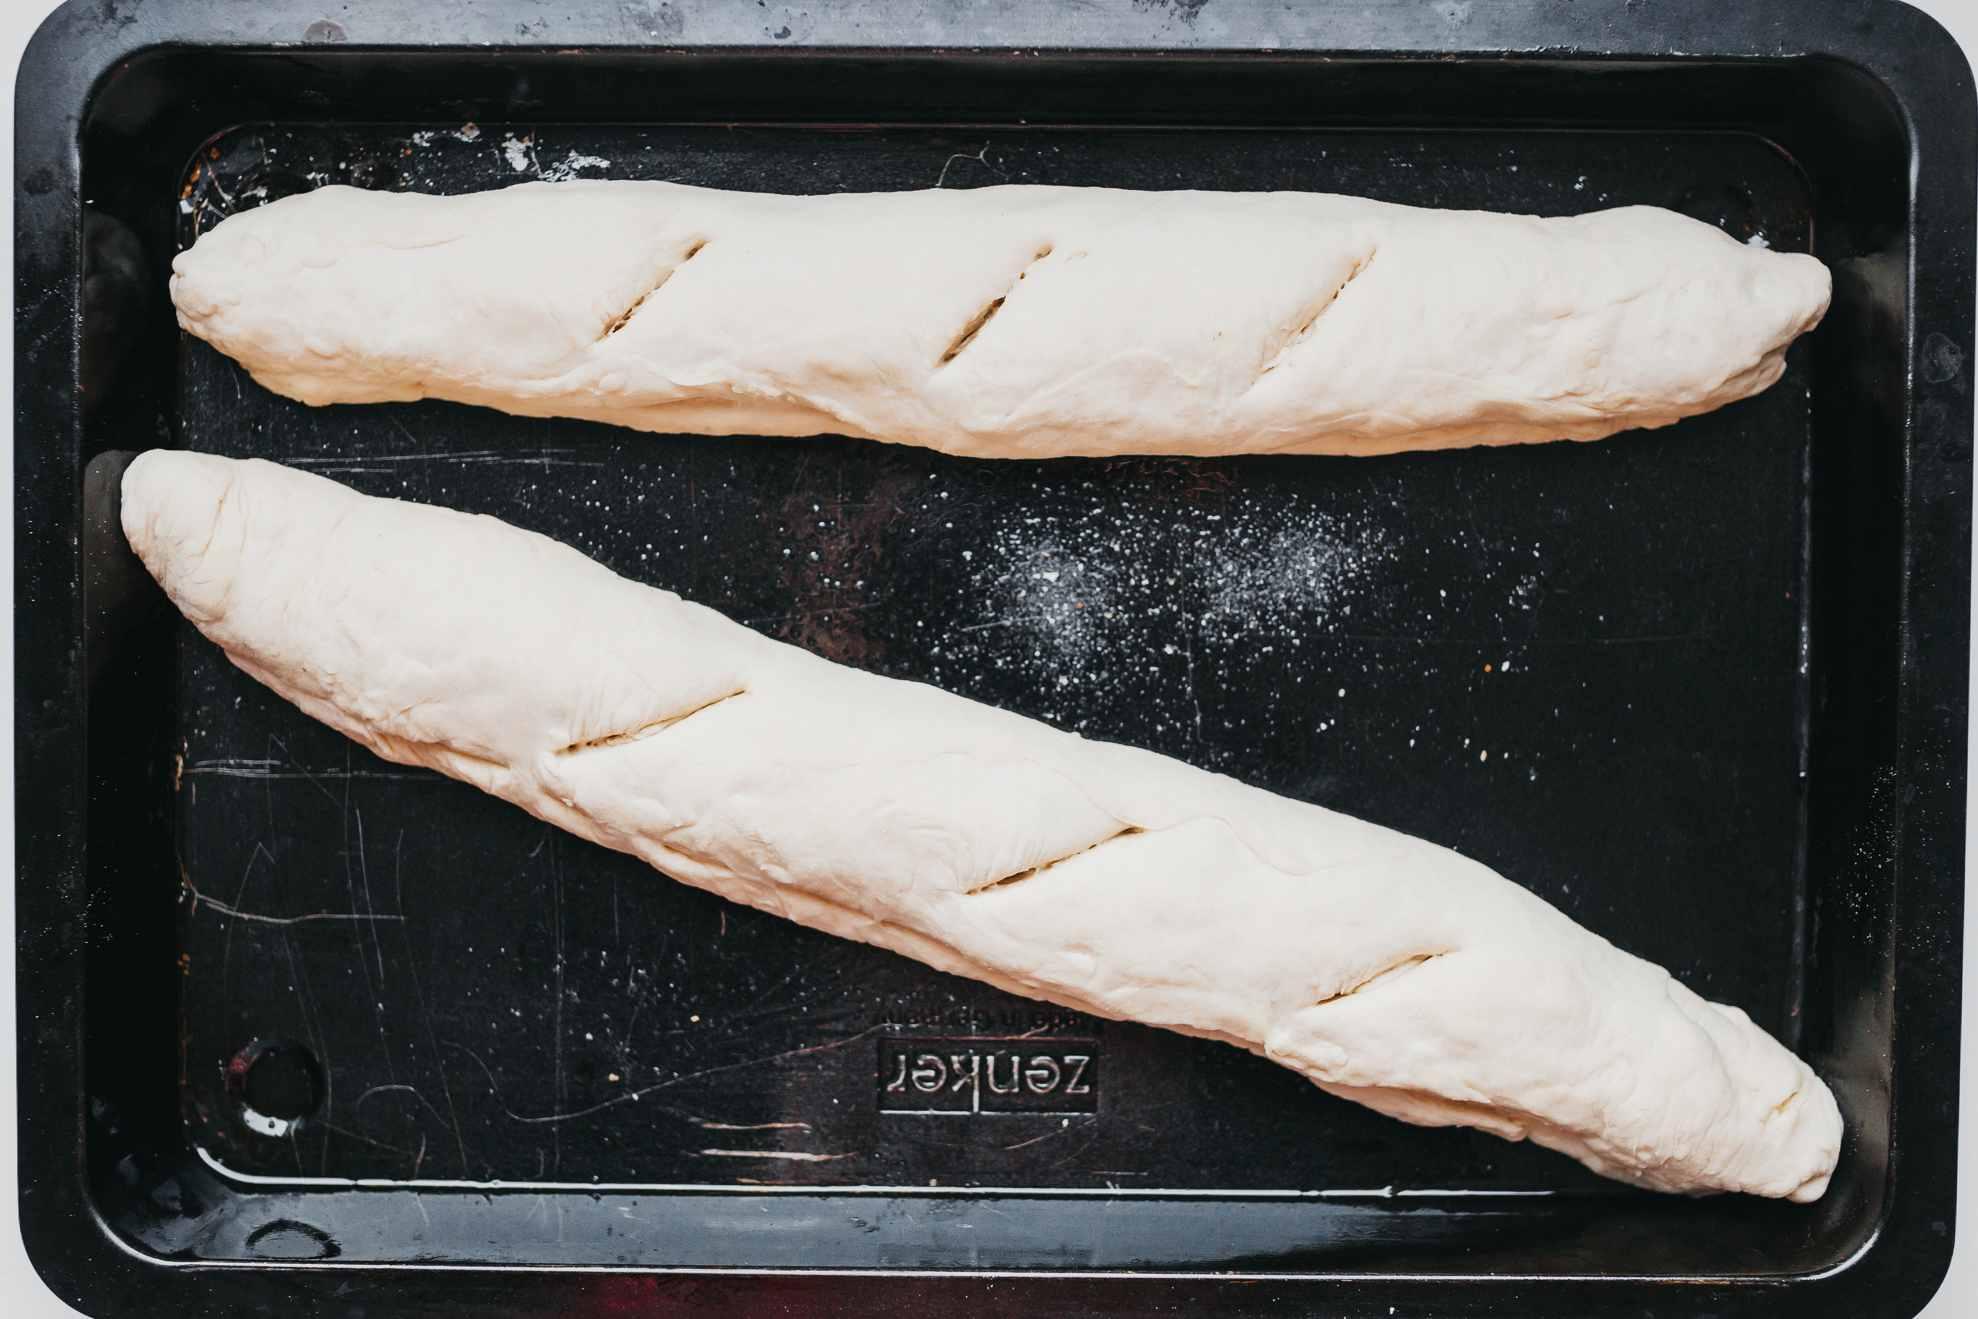 Score the bread